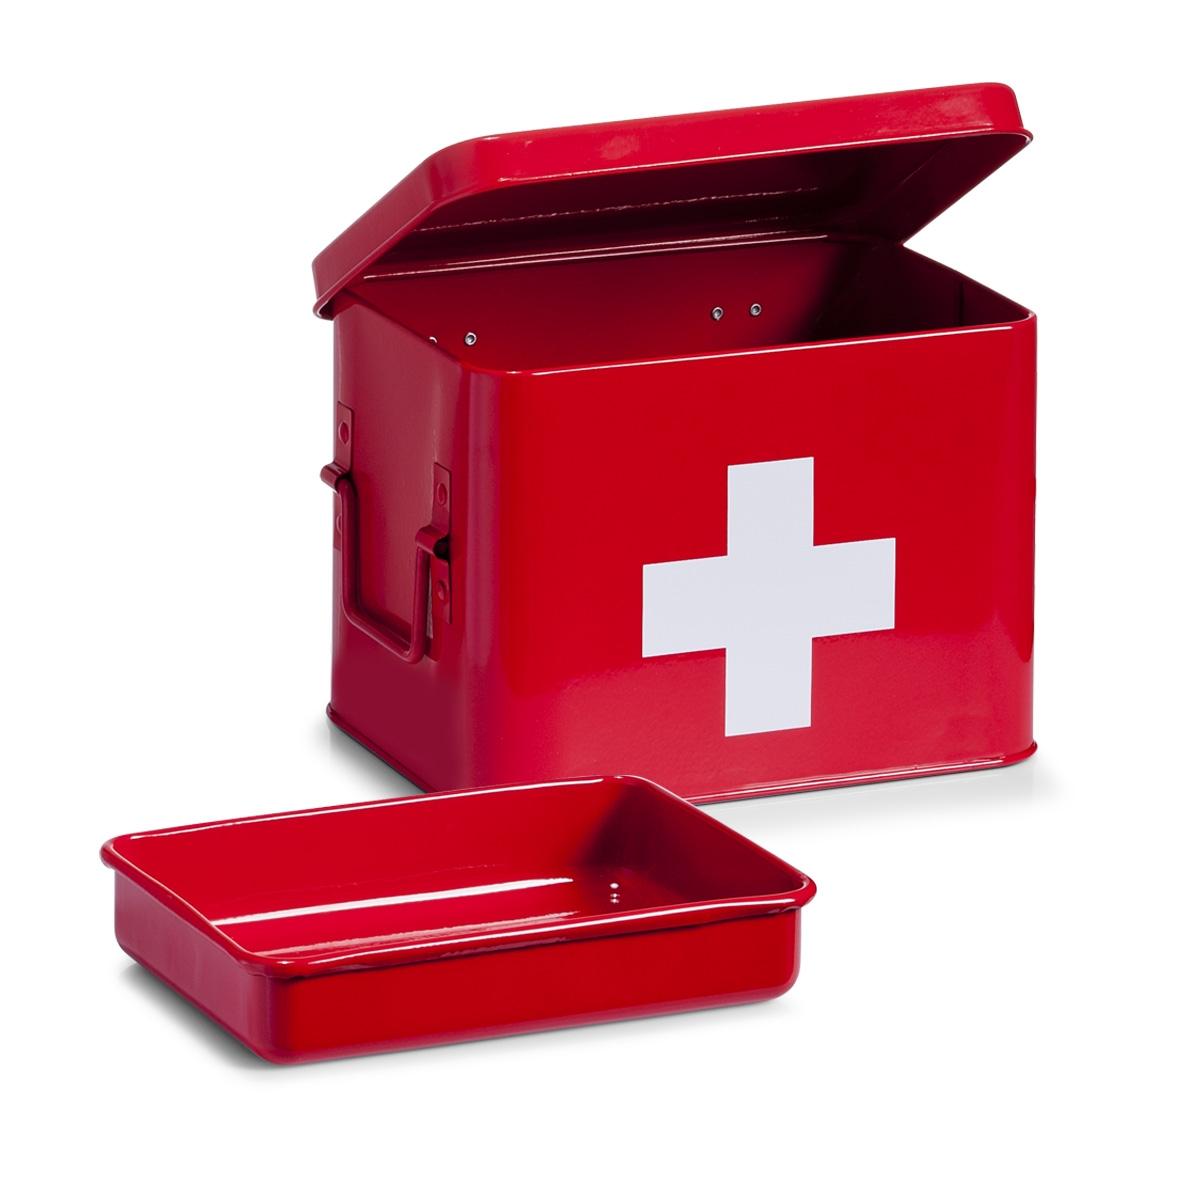 Cutie pentru depozitarea medicamentelor, 4 compartimente, Metal Red, l21,5xA16xH16 cm poza